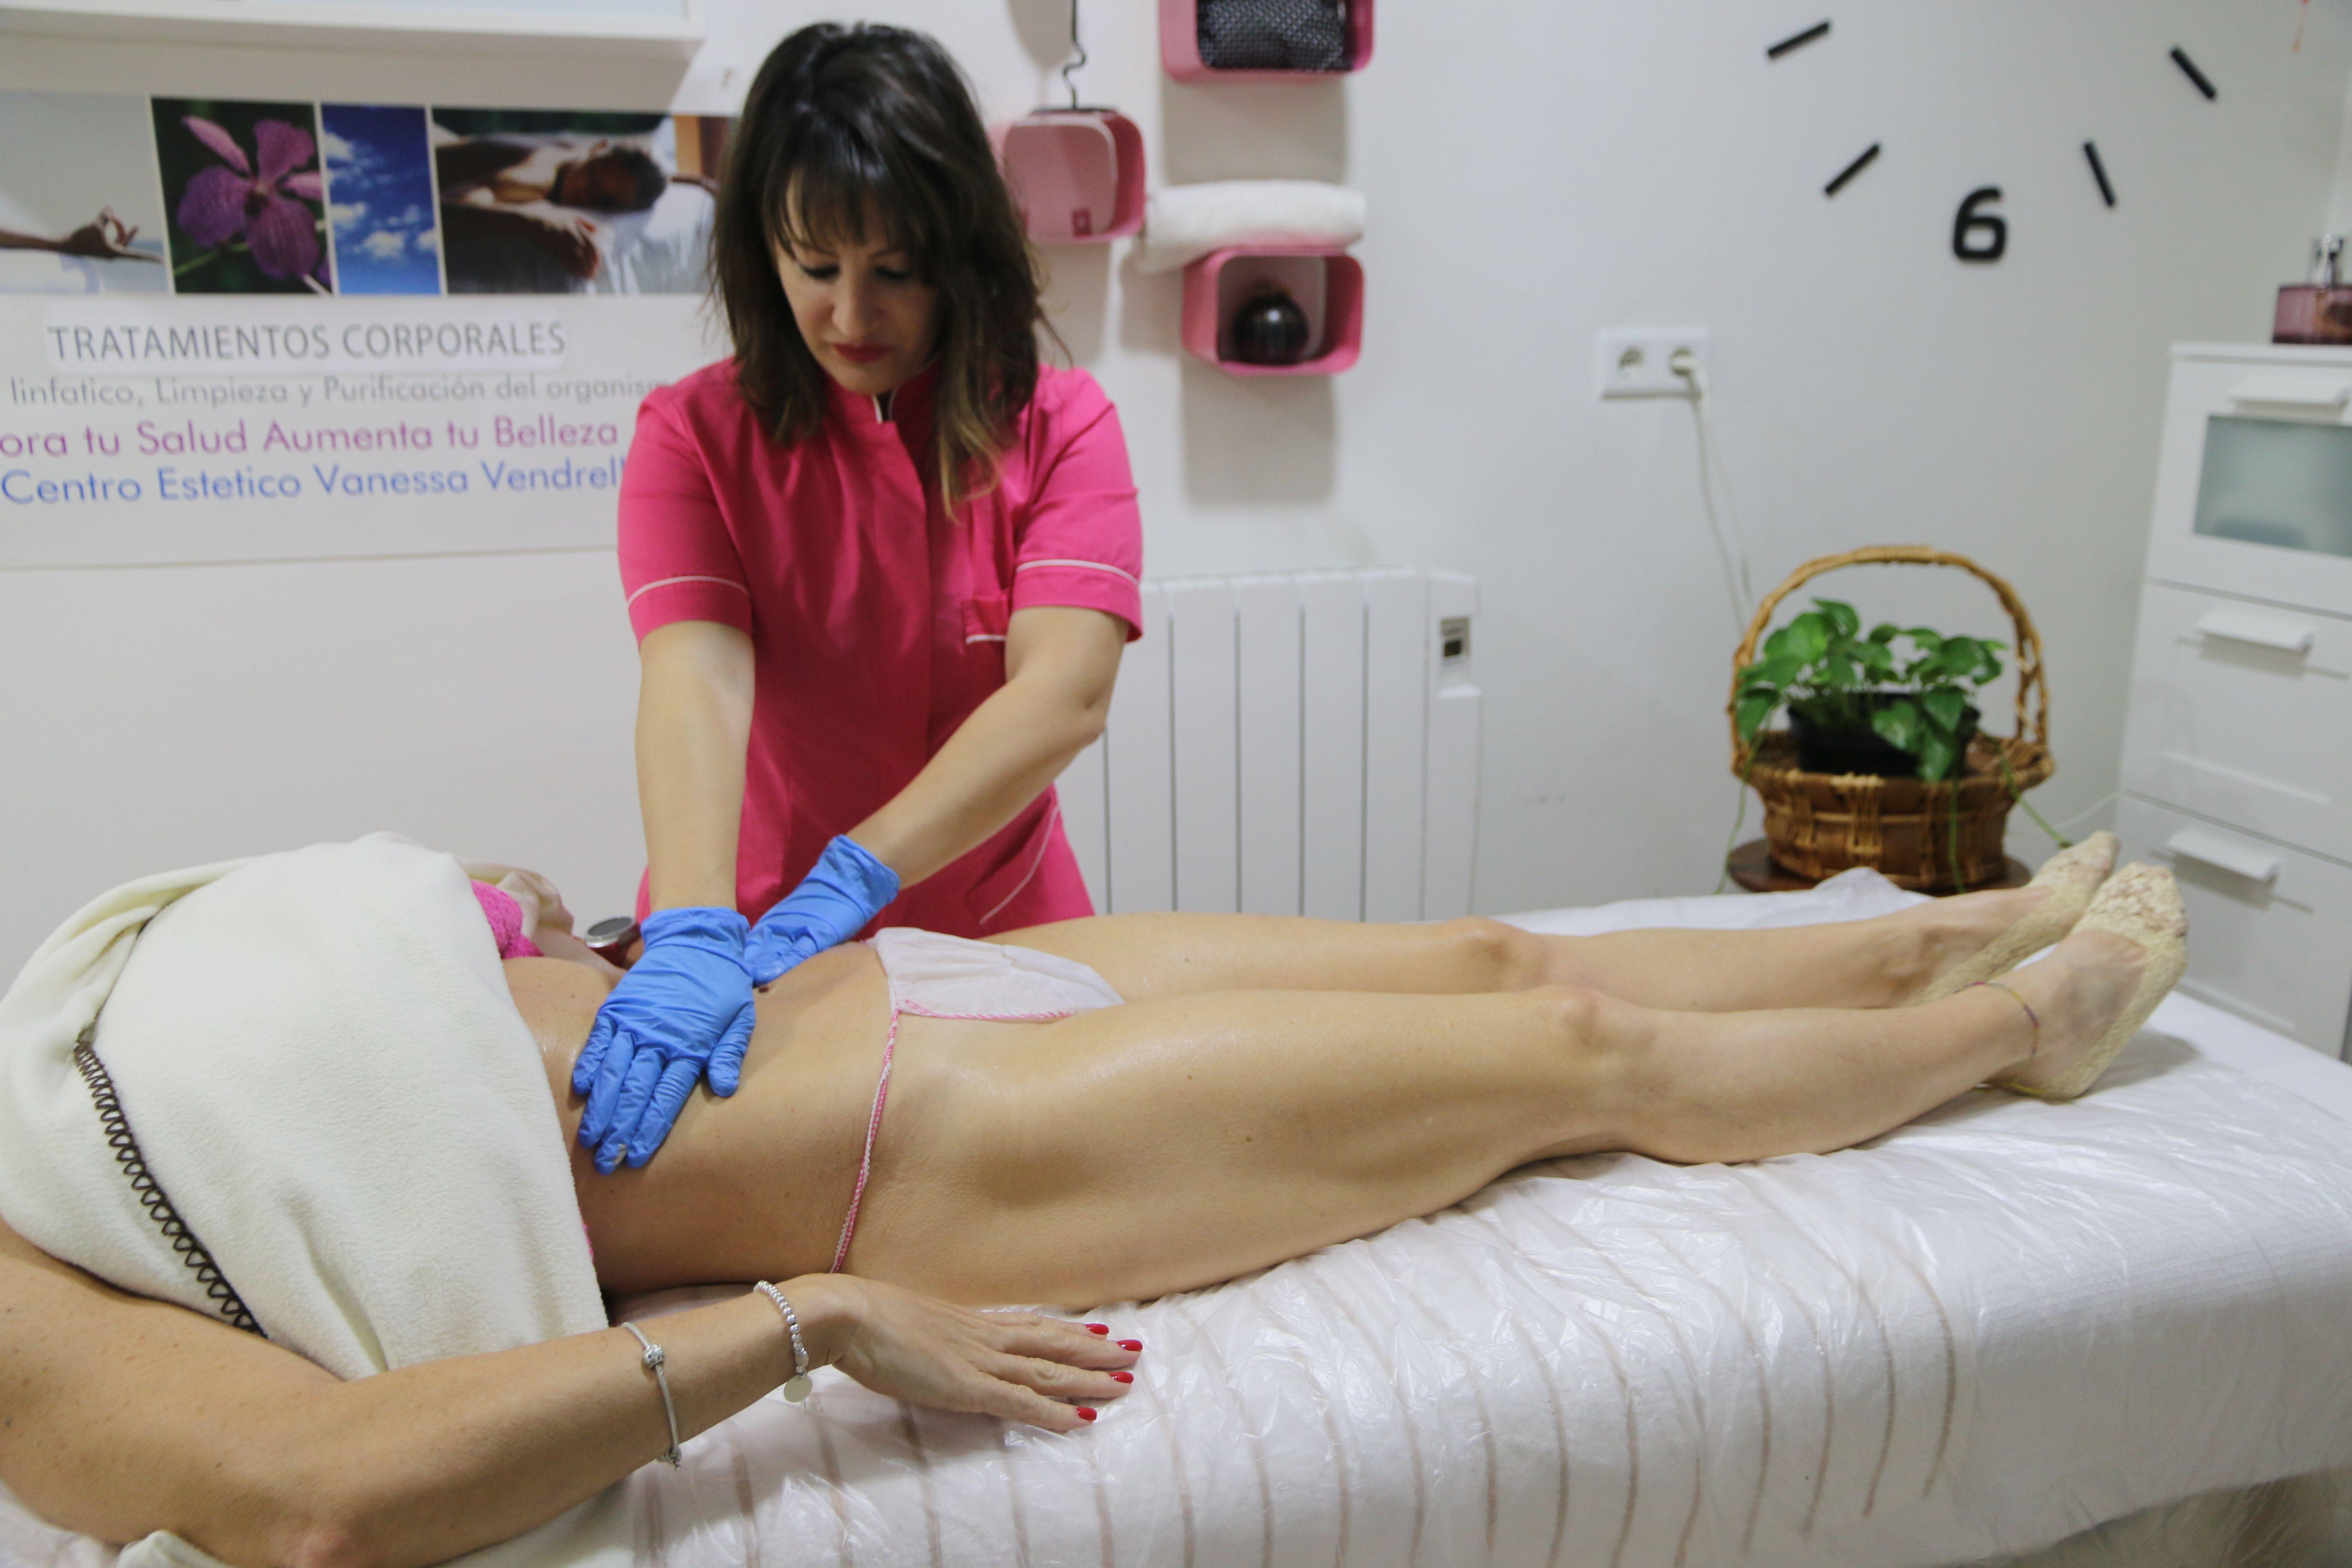 Foto 34 de Tratamientos faciales y corporales en  | Vanesa Vendrell Estética